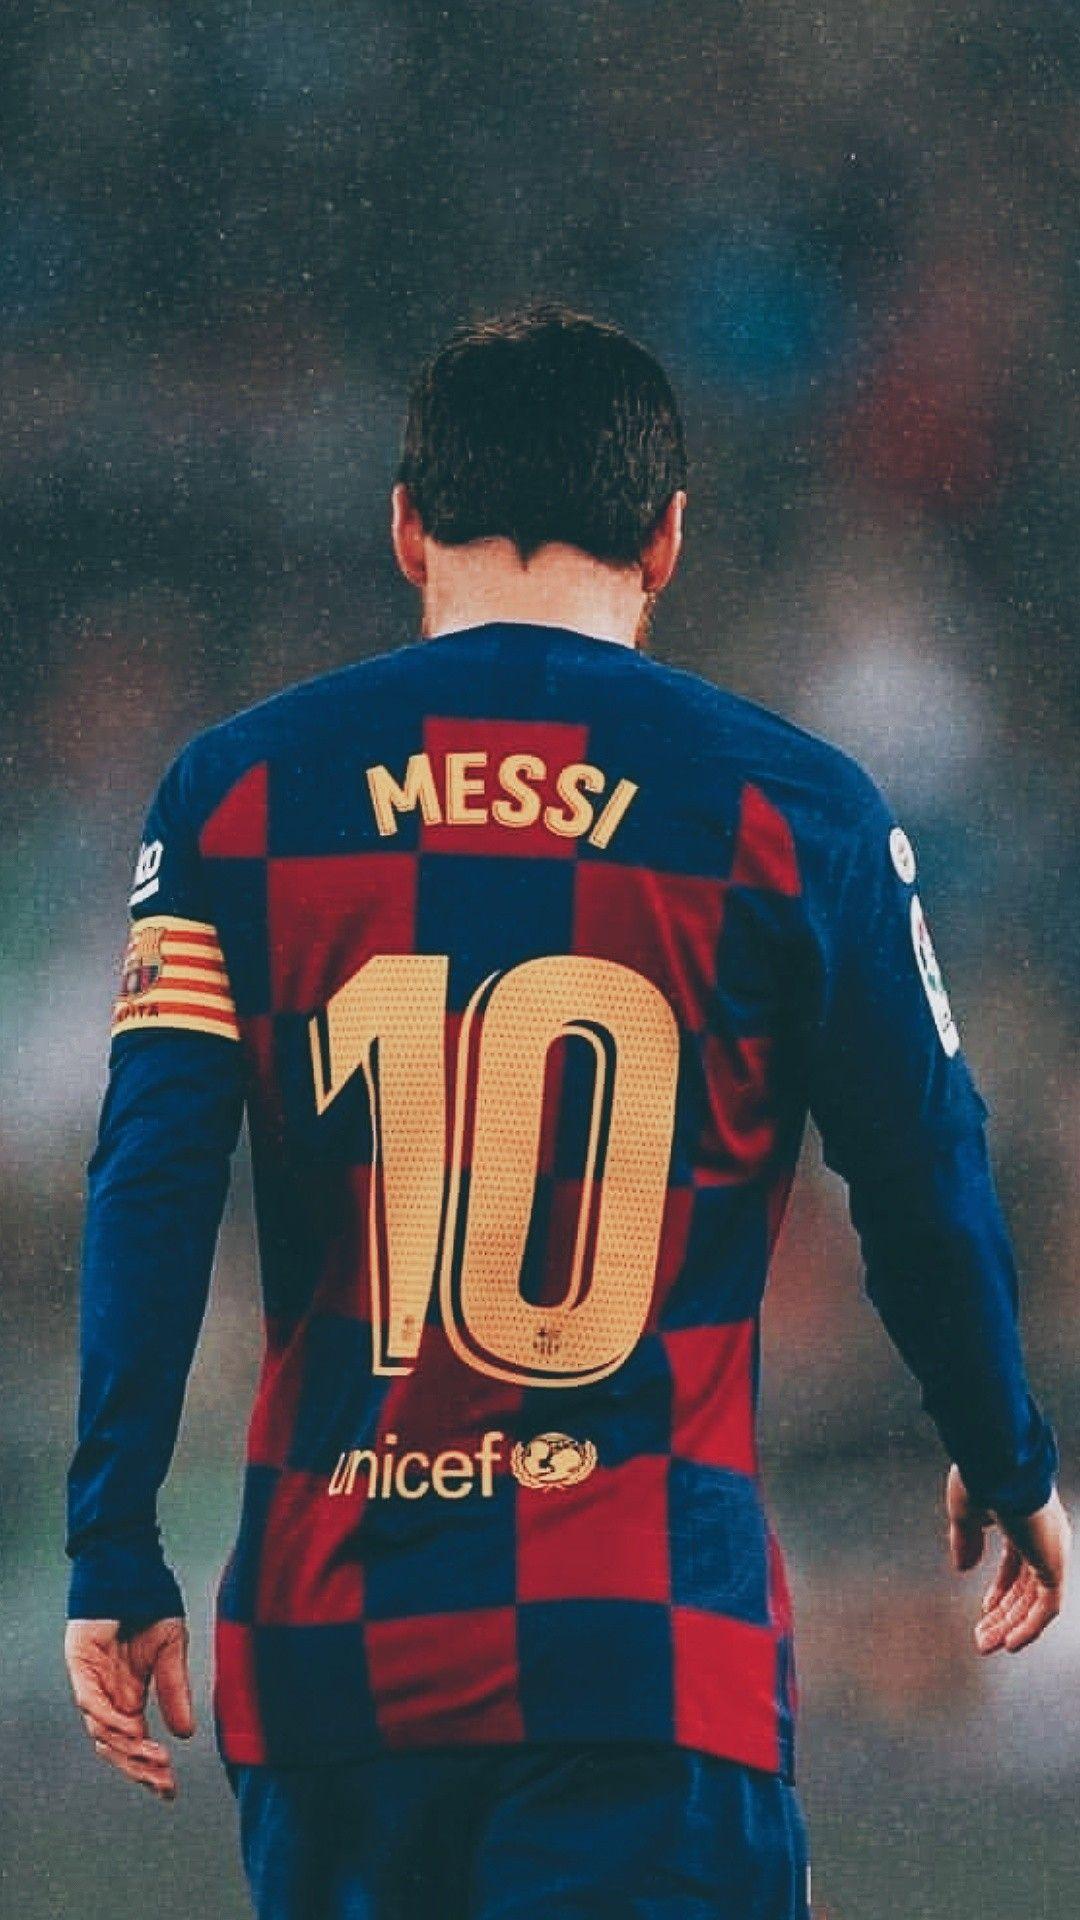 Lionel Messi Em 2020 Jogadores De Futebol Wallpaper De Futebol Fotos De Jogadores De Futebol